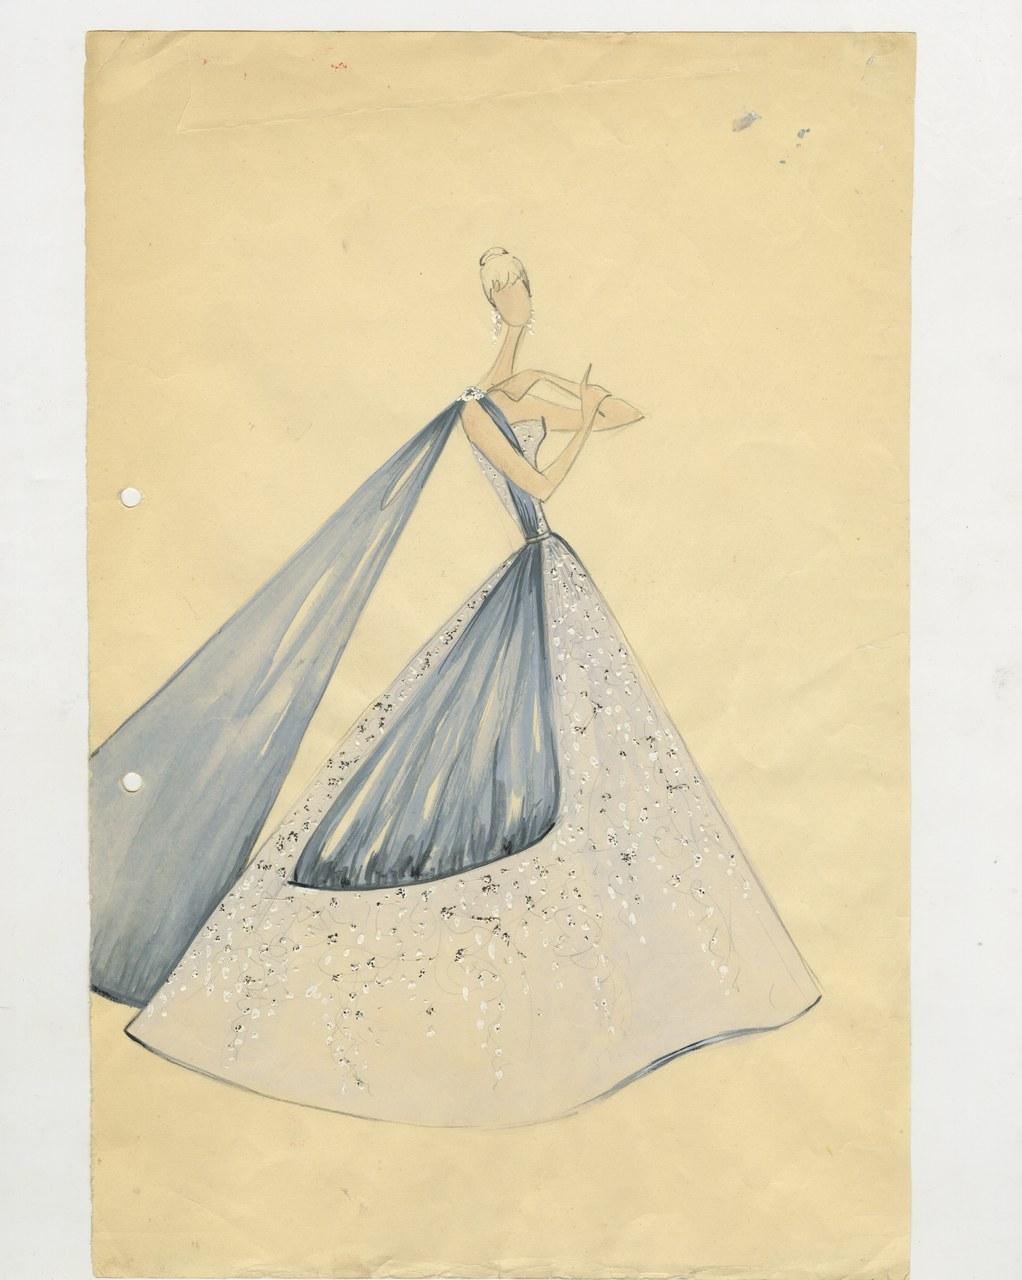 Bozzetti di Renato Balestra (1951), Collezione CSAC -Parma